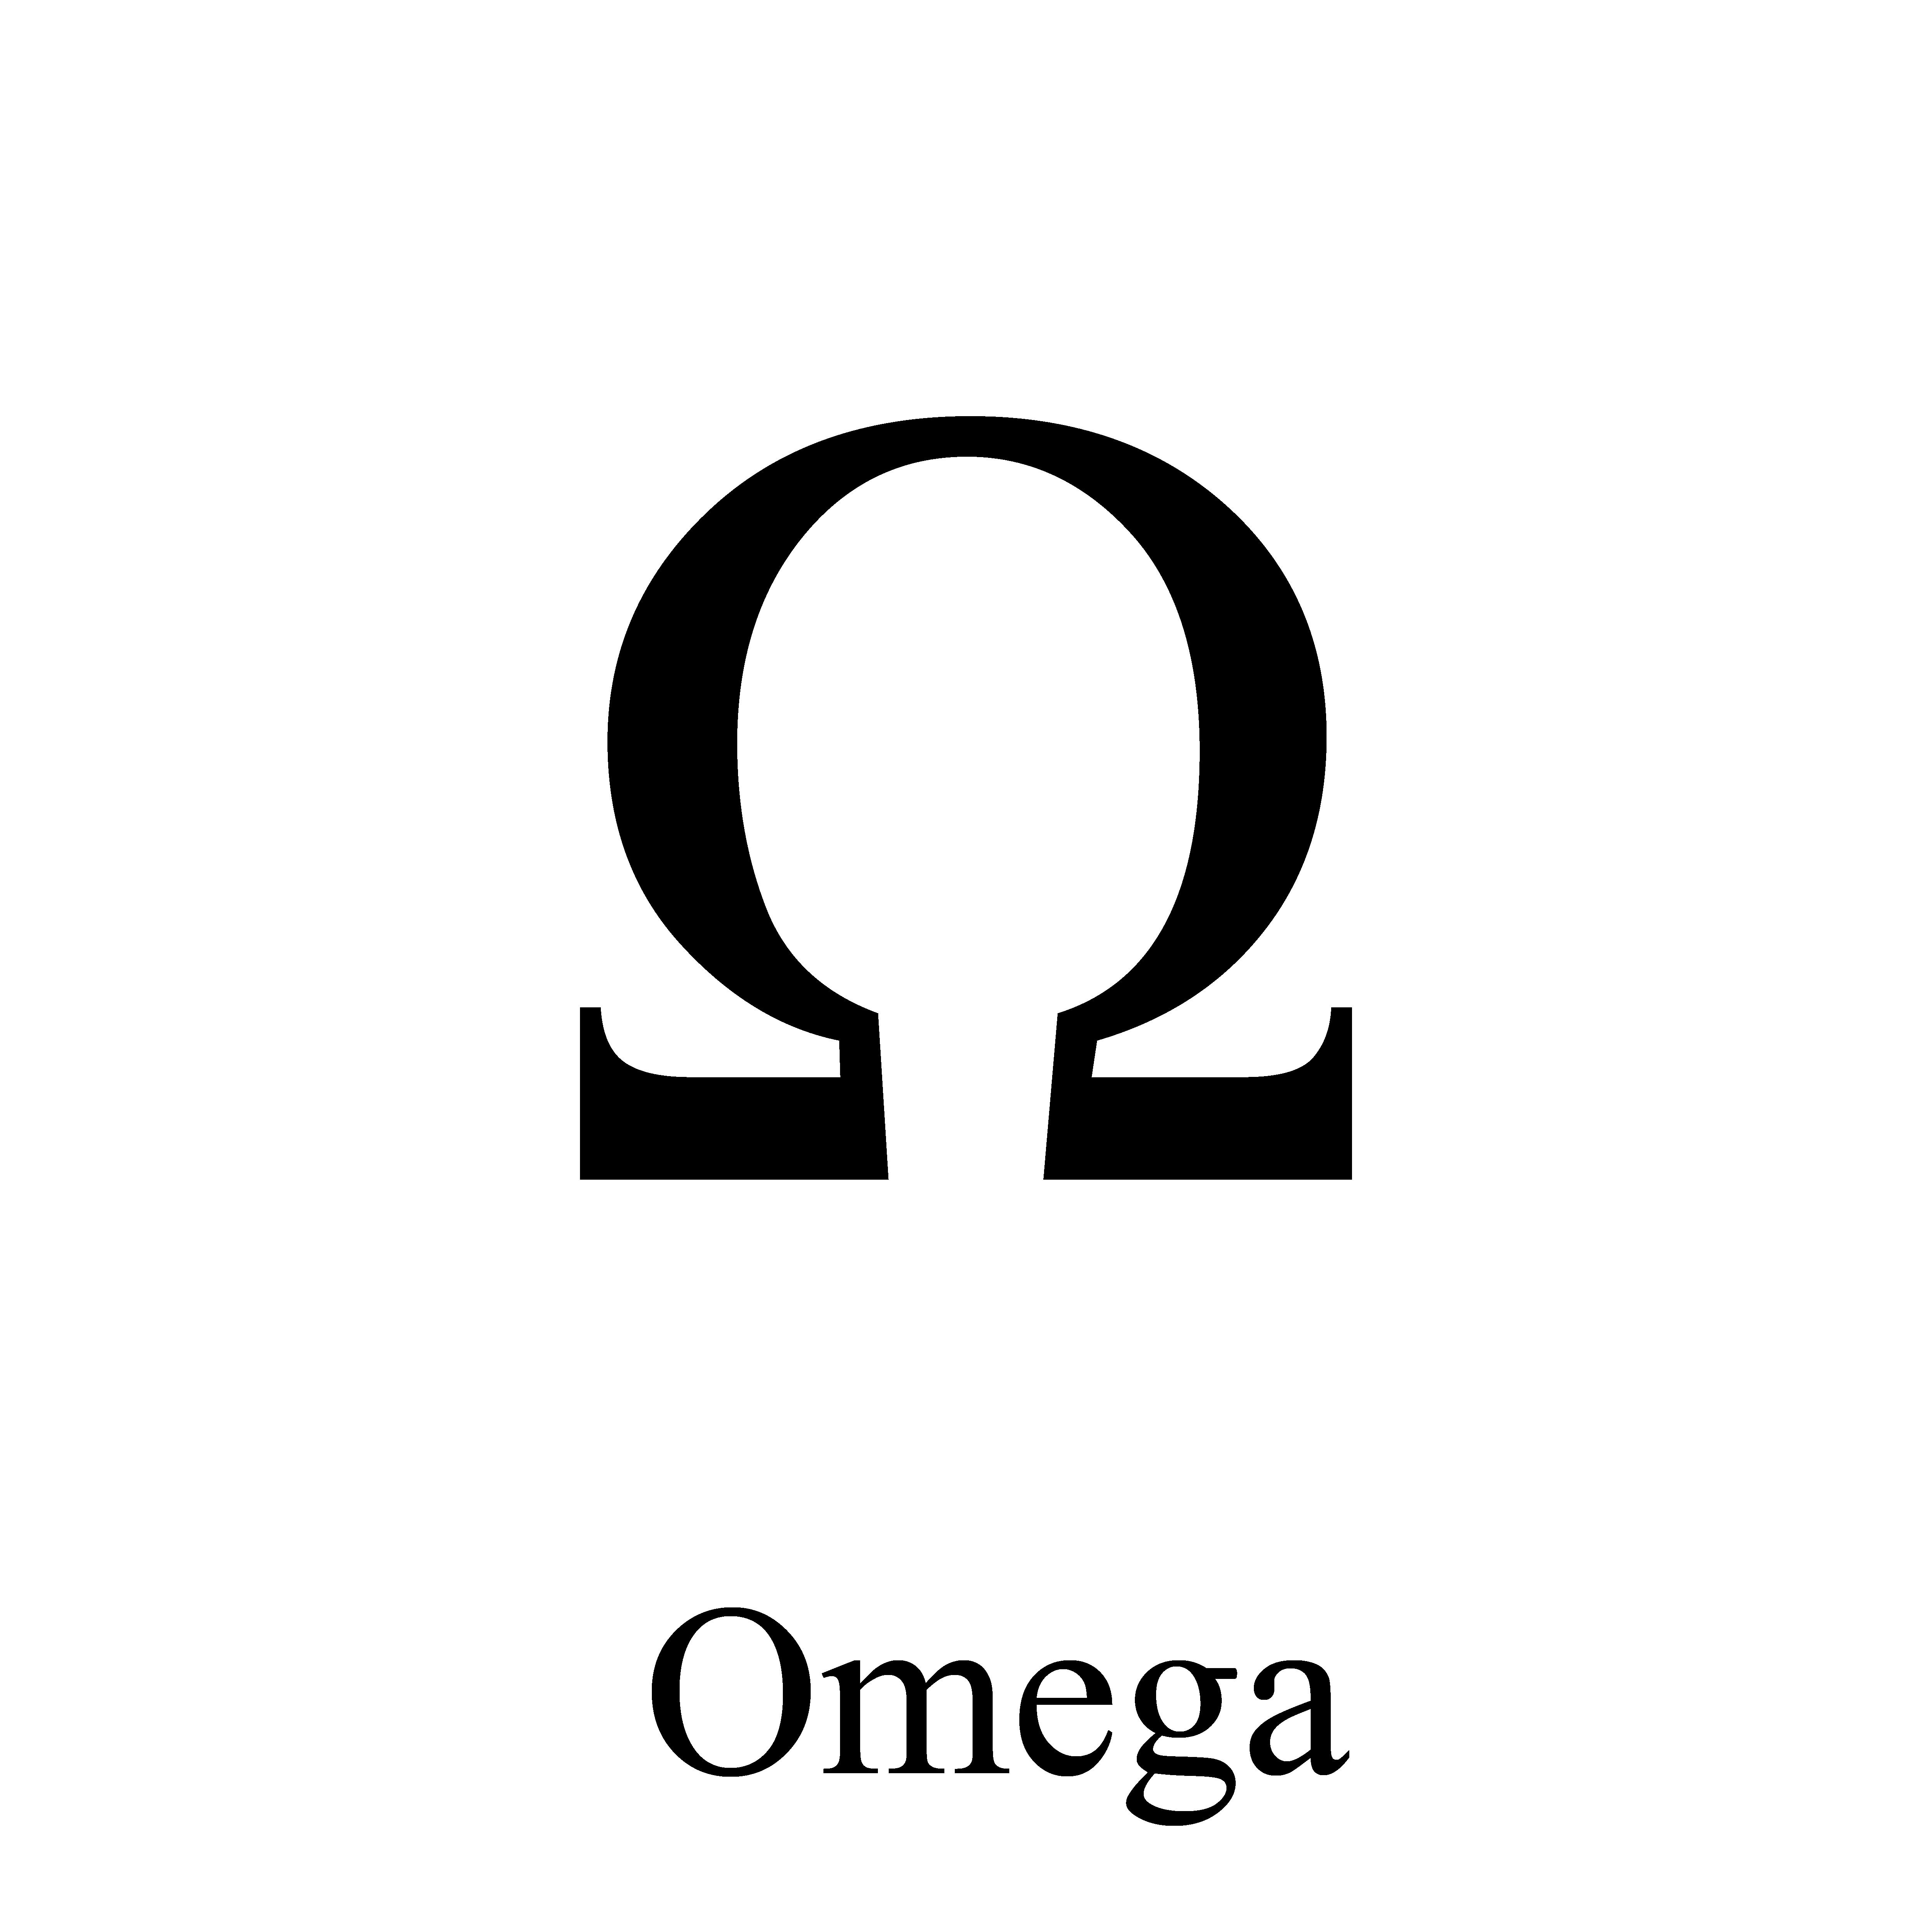 Griechische Buchstaben Tastaturcodes Für Windows Mac Linux Latex